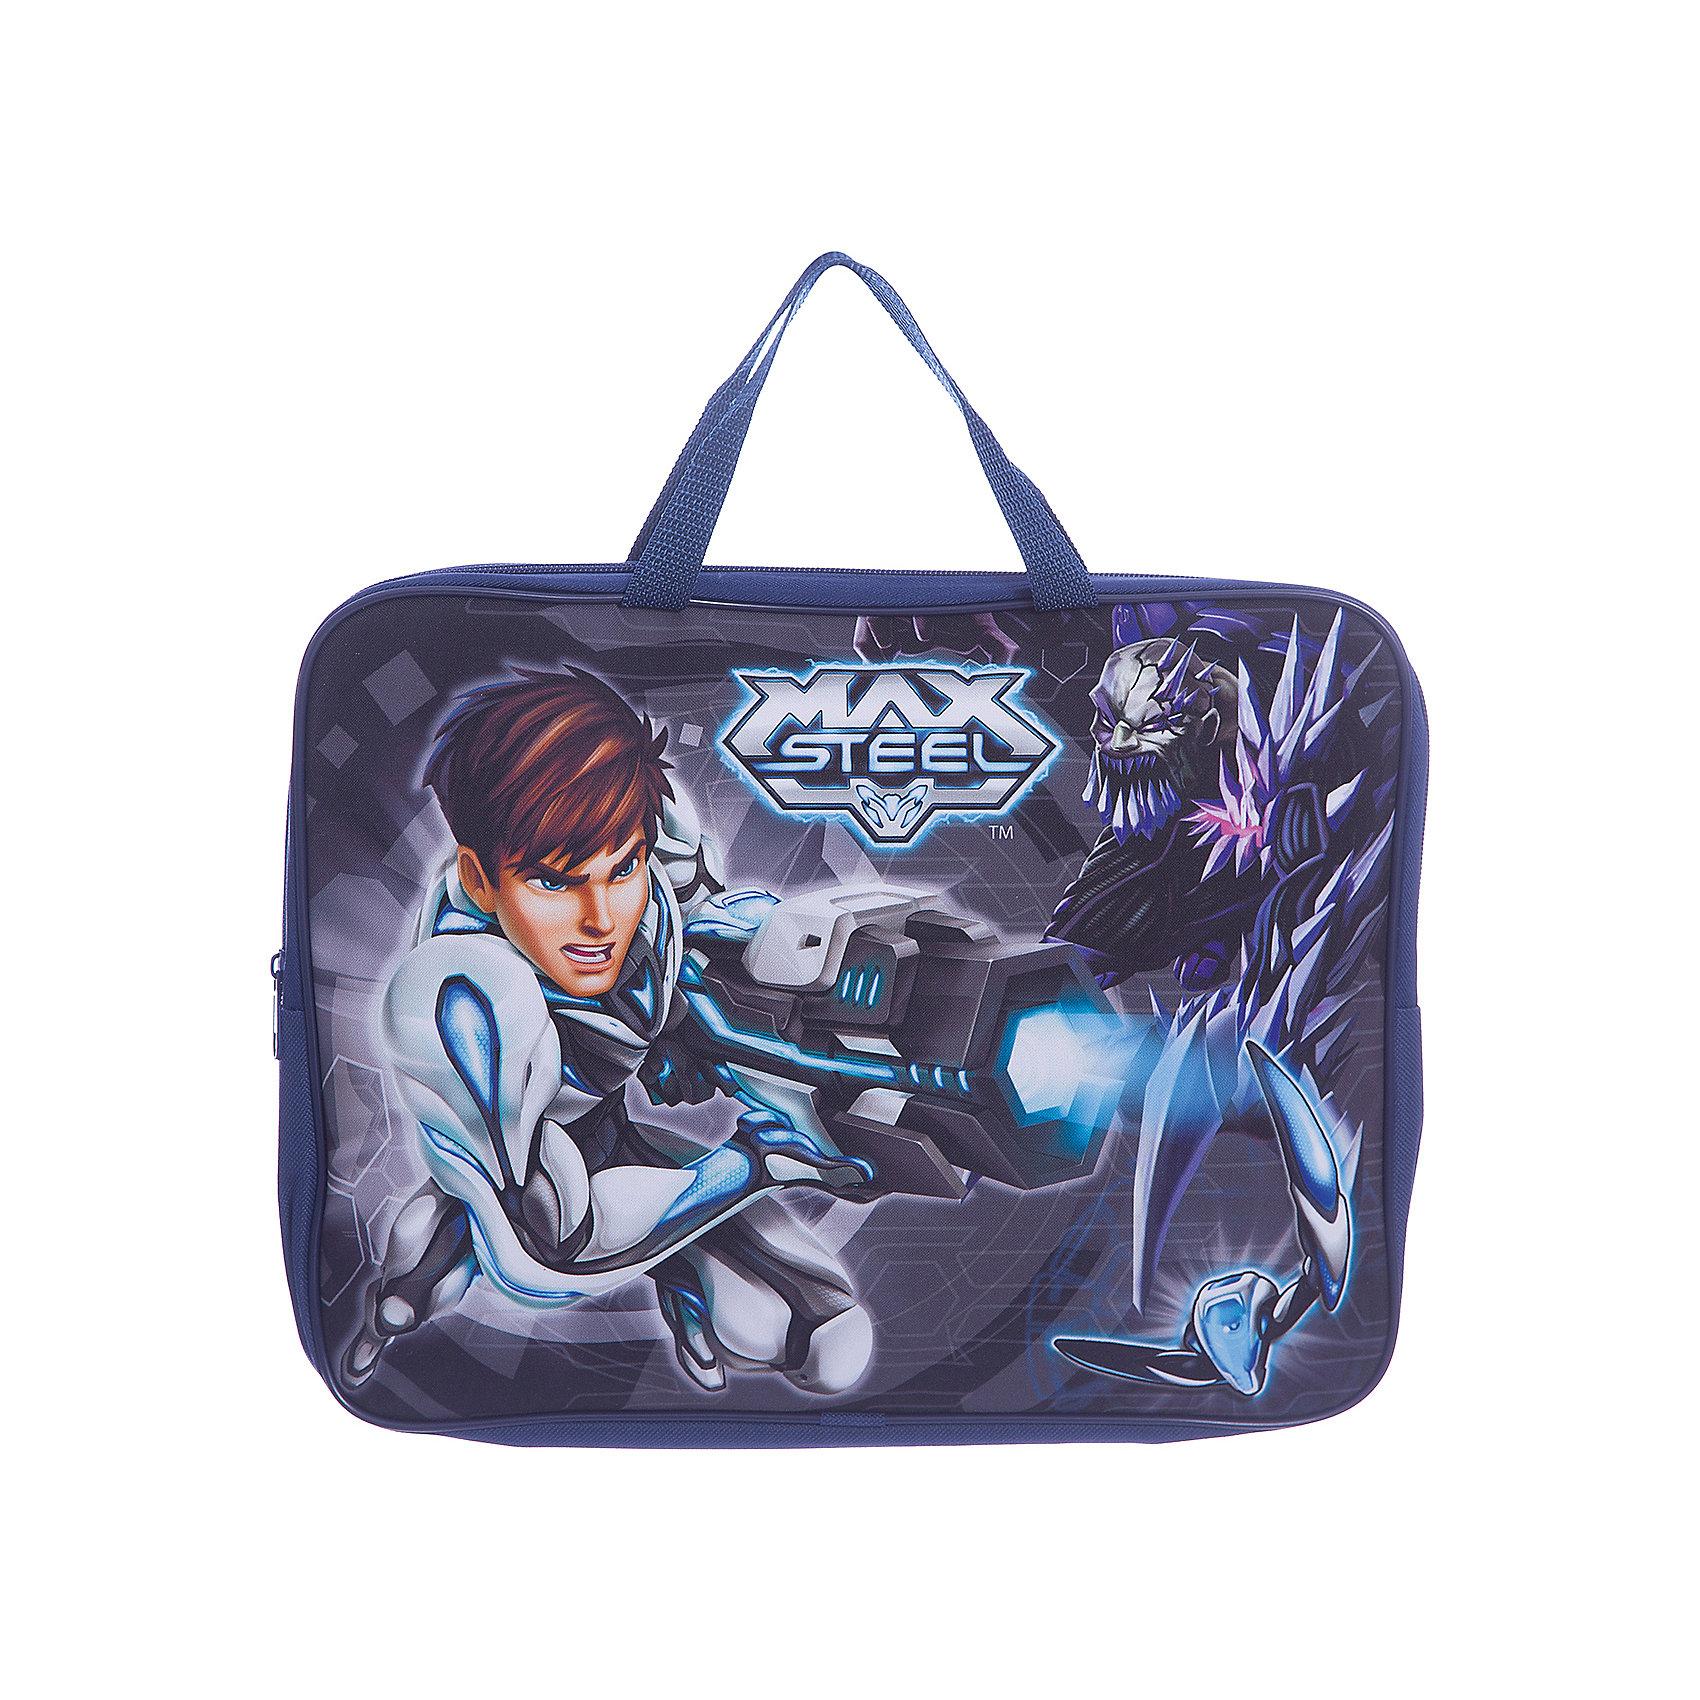 Текстильная сумка А4, Max SteelТекстильная сумка А4, Max Steel (Макс Стил) – это полезное приобретение для школьника.<br>Текстильная сумка Max Steel (Макс Стил) несомненно понравится поклоннику сериала Max Steel (Макс Стил). Такое изделие пригодится для занятий в музыкальной школе, любых дополнительных уроков, факультетов или творческих кружков. Сумка имеет удобные ручки.<br><br>Дополнительная информация:<br><br>- Формат: А4<br>- Материал: текстиль<br>- Размер: 35 х 4 х 26 см.<br><br>Текстильную сумку А4, Max Steel (Макс Стил) можно купить в нашем интернет-магазине.<br><br>Ширина мм: 20<br>Глубина мм: 360<br>Высота мм: 290<br>Вес г: 160<br>Возраст от месяцев: 36<br>Возраст до месяцев: 168<br>Пол: Мужской<br>Возраст: Детский<br>SKU: 4017803